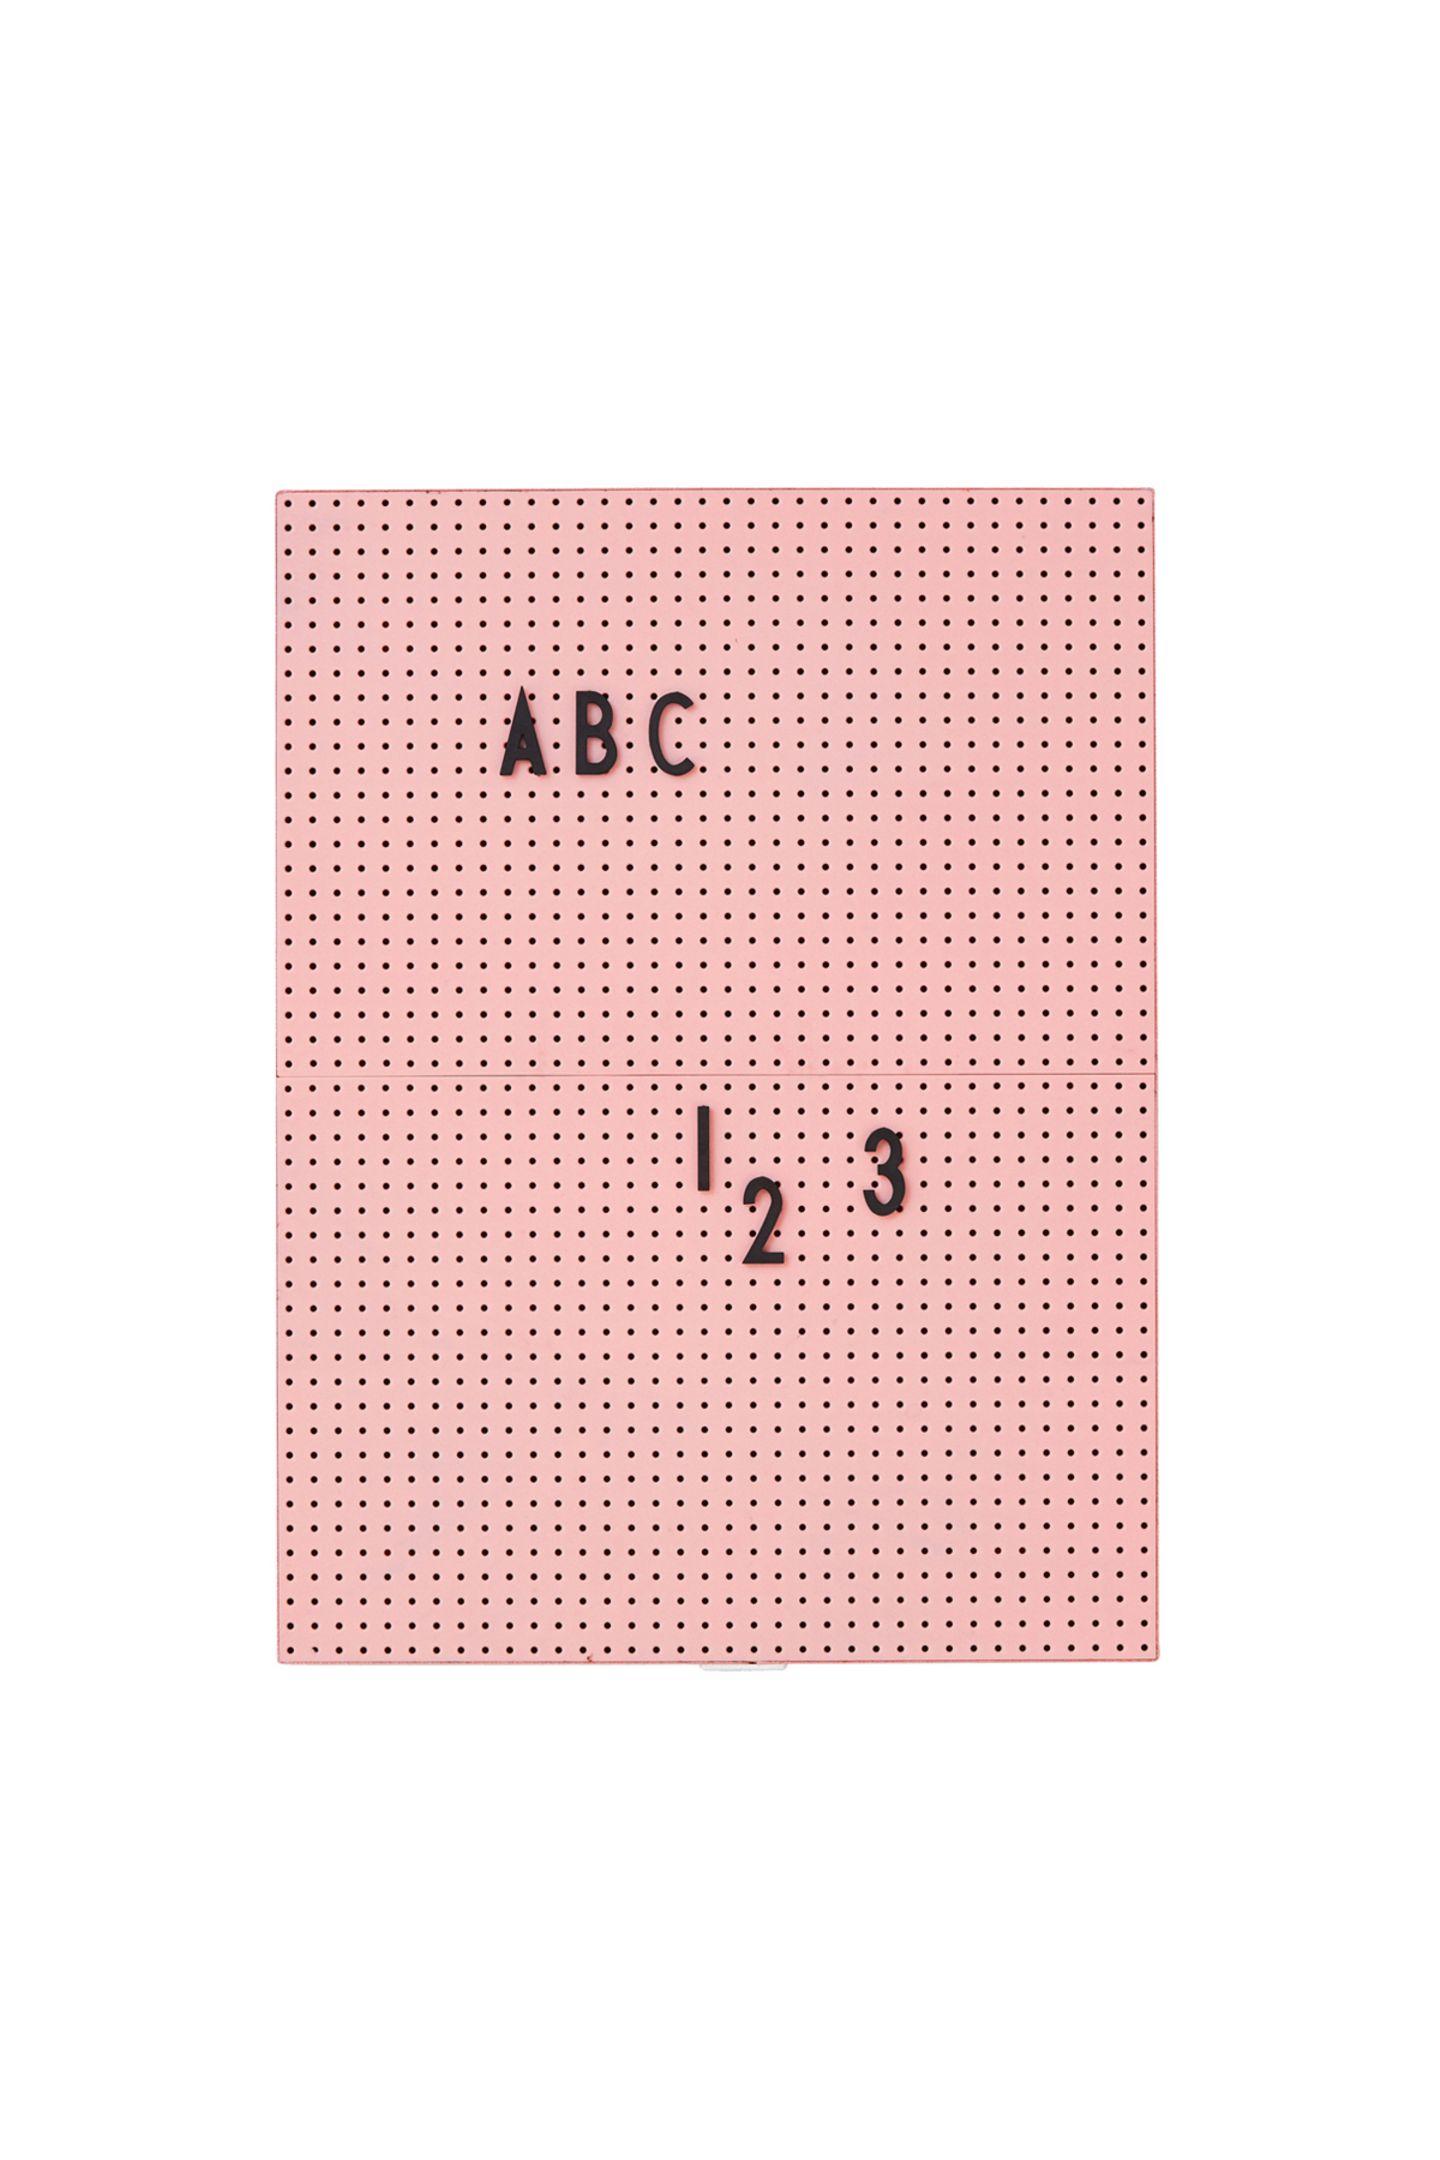 Für kleine Liebesbotschaften oder auch einfach mal die Einkaufsliste: Buchstabentafel von Design Letters über WestwingNow, ca. 49 Euro.